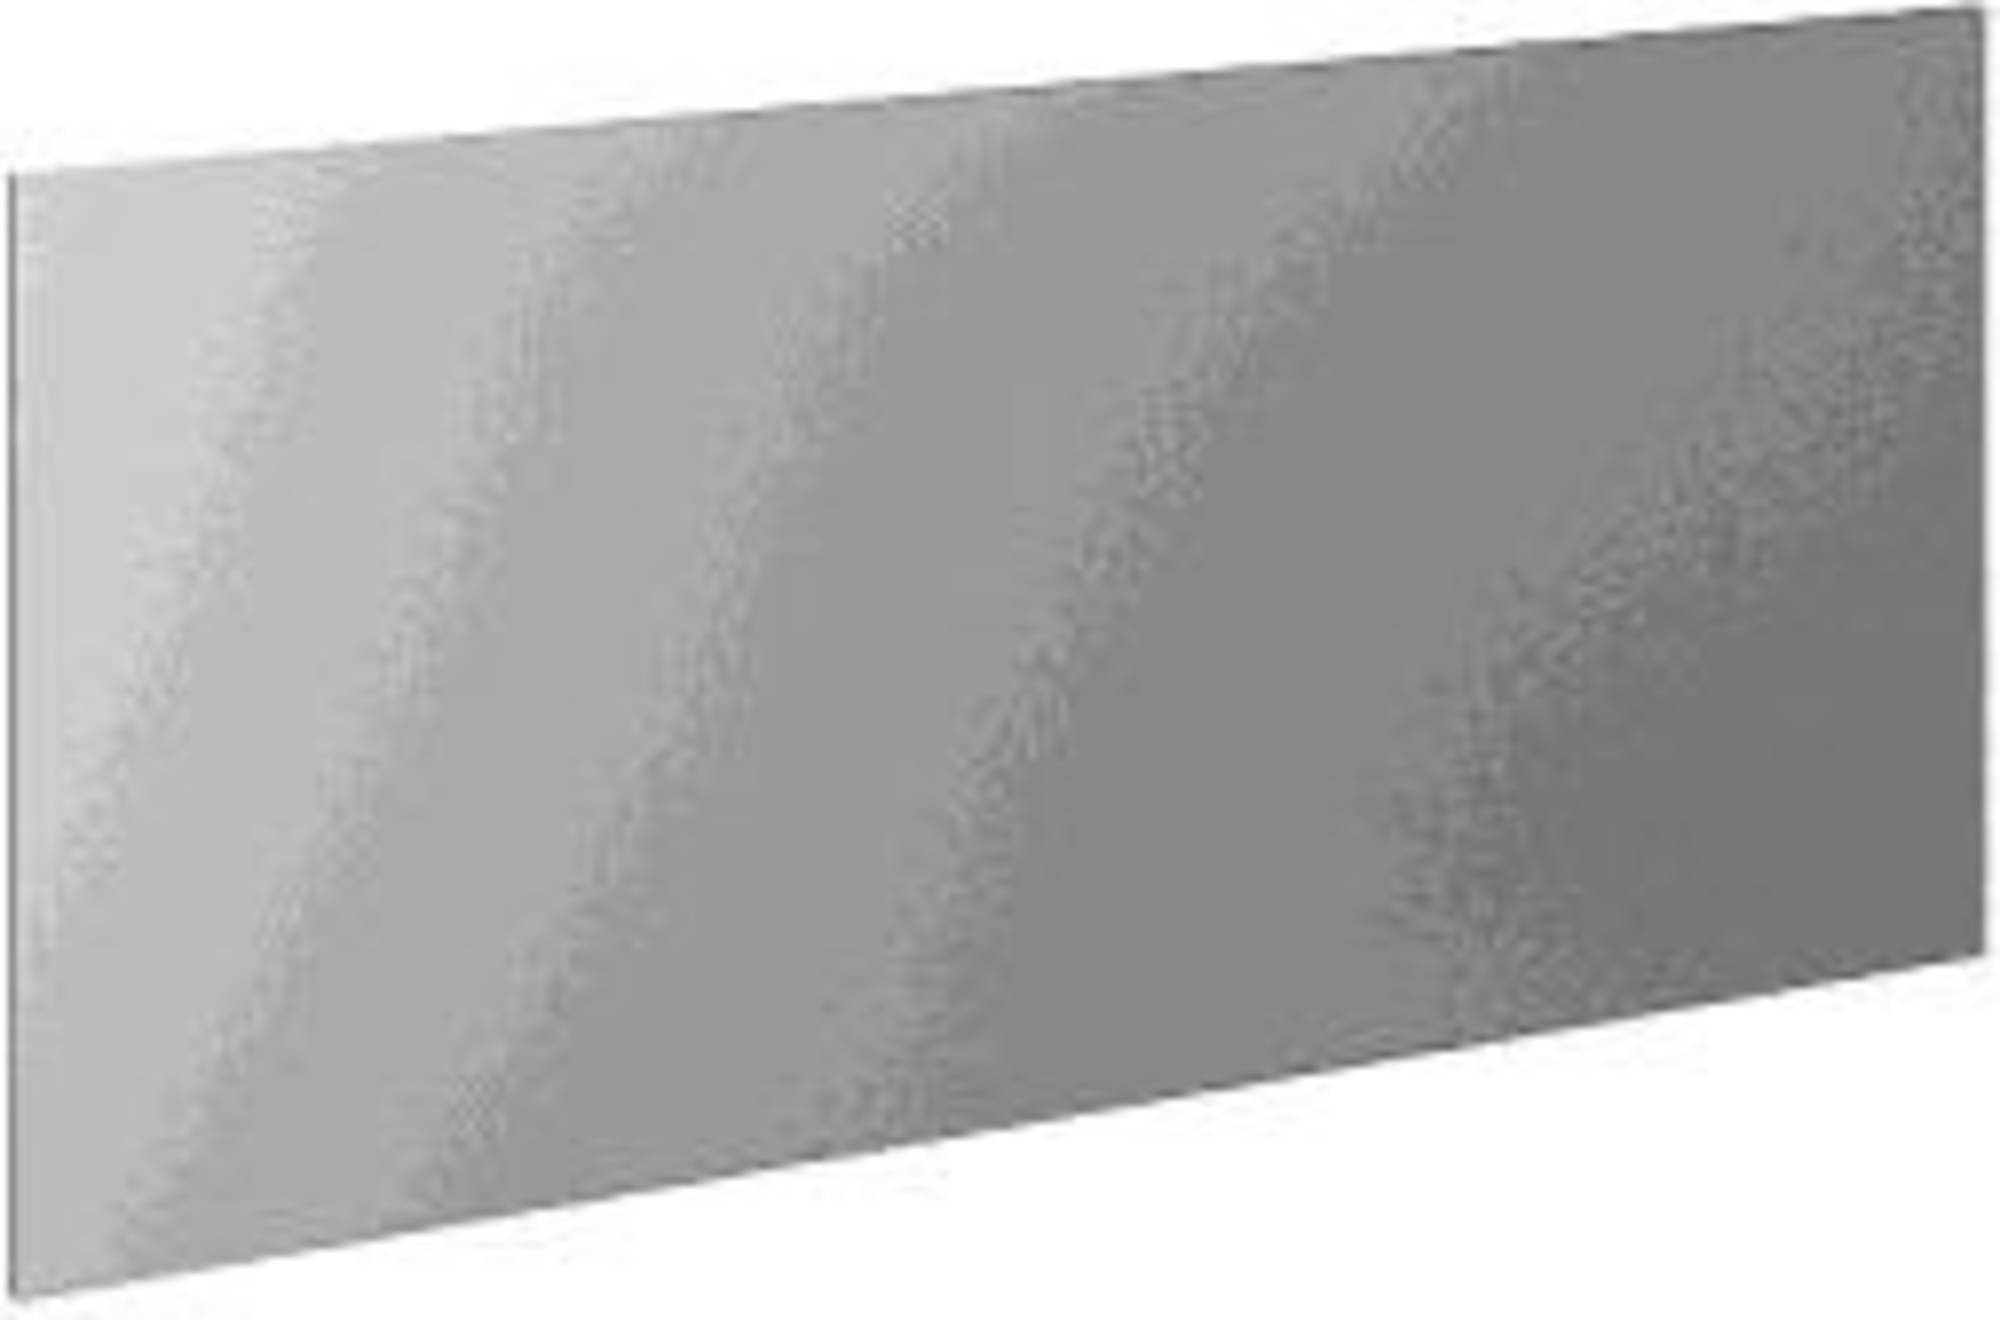 Ben Mirano spiegelpaneel maatwerk max 70x70cm